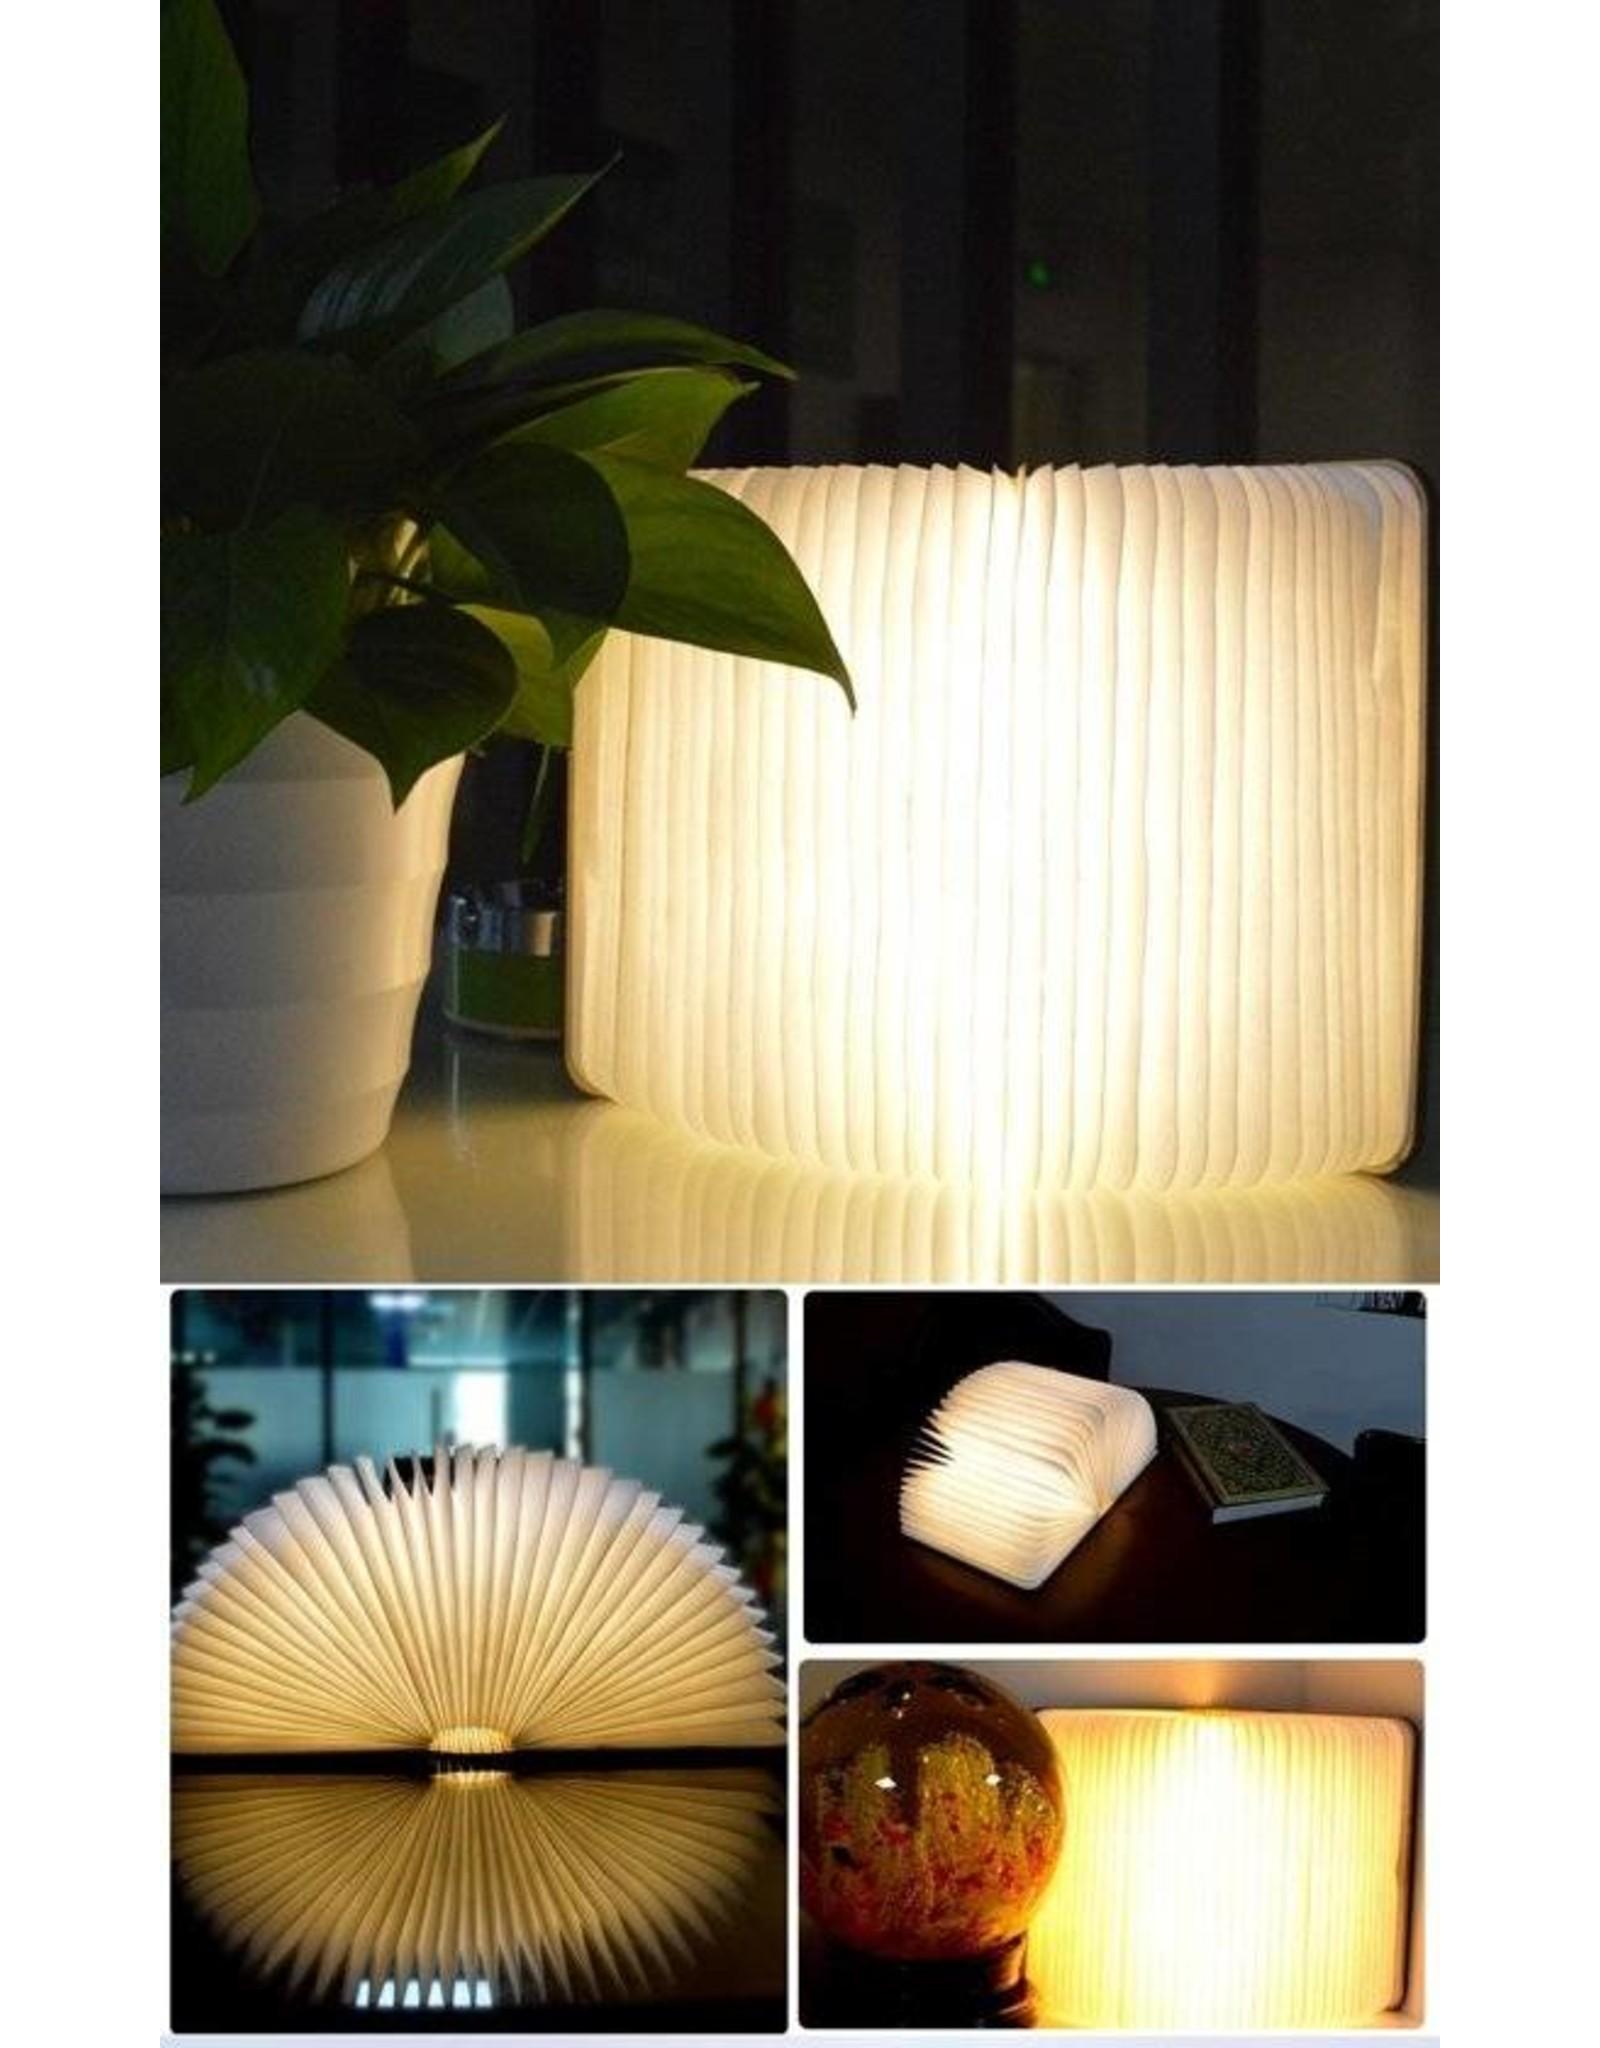 Boekenlamp usb book light donkerbruin